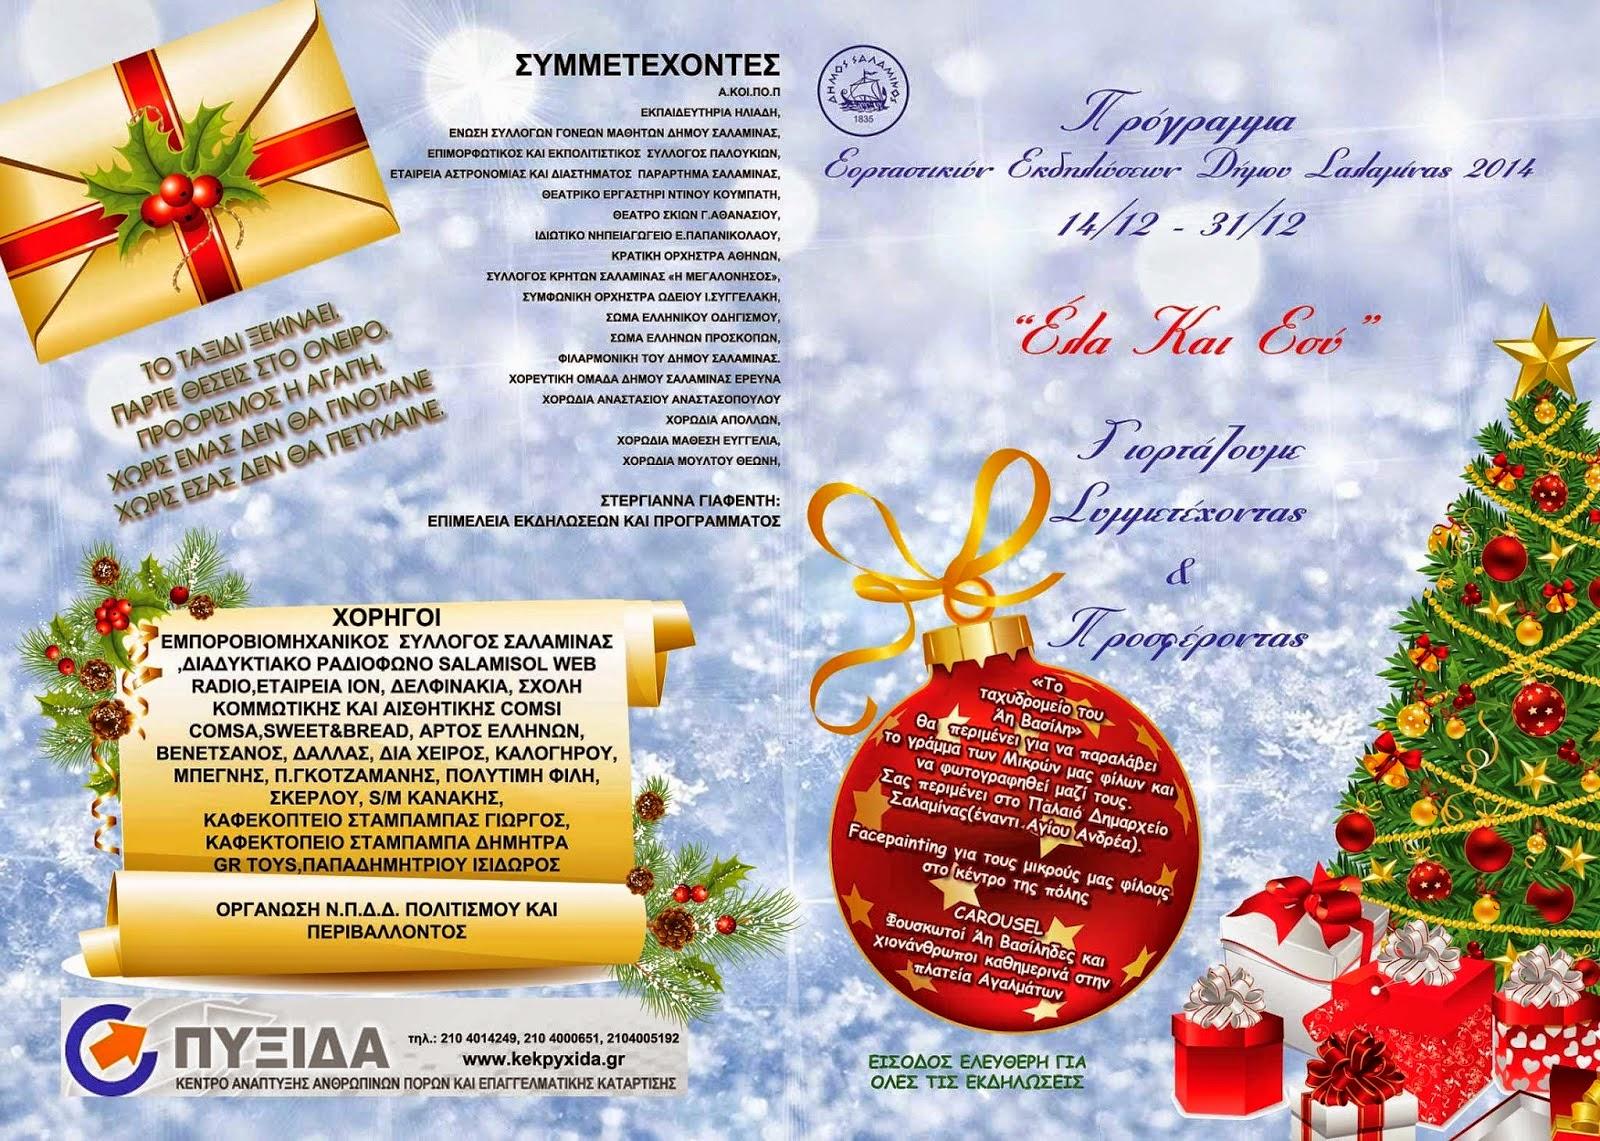 Χριστουγεννιάτικες Εκδηλώσεις του Δήμου Σαλαμίνας 2014 «Έλα και Εσύ»